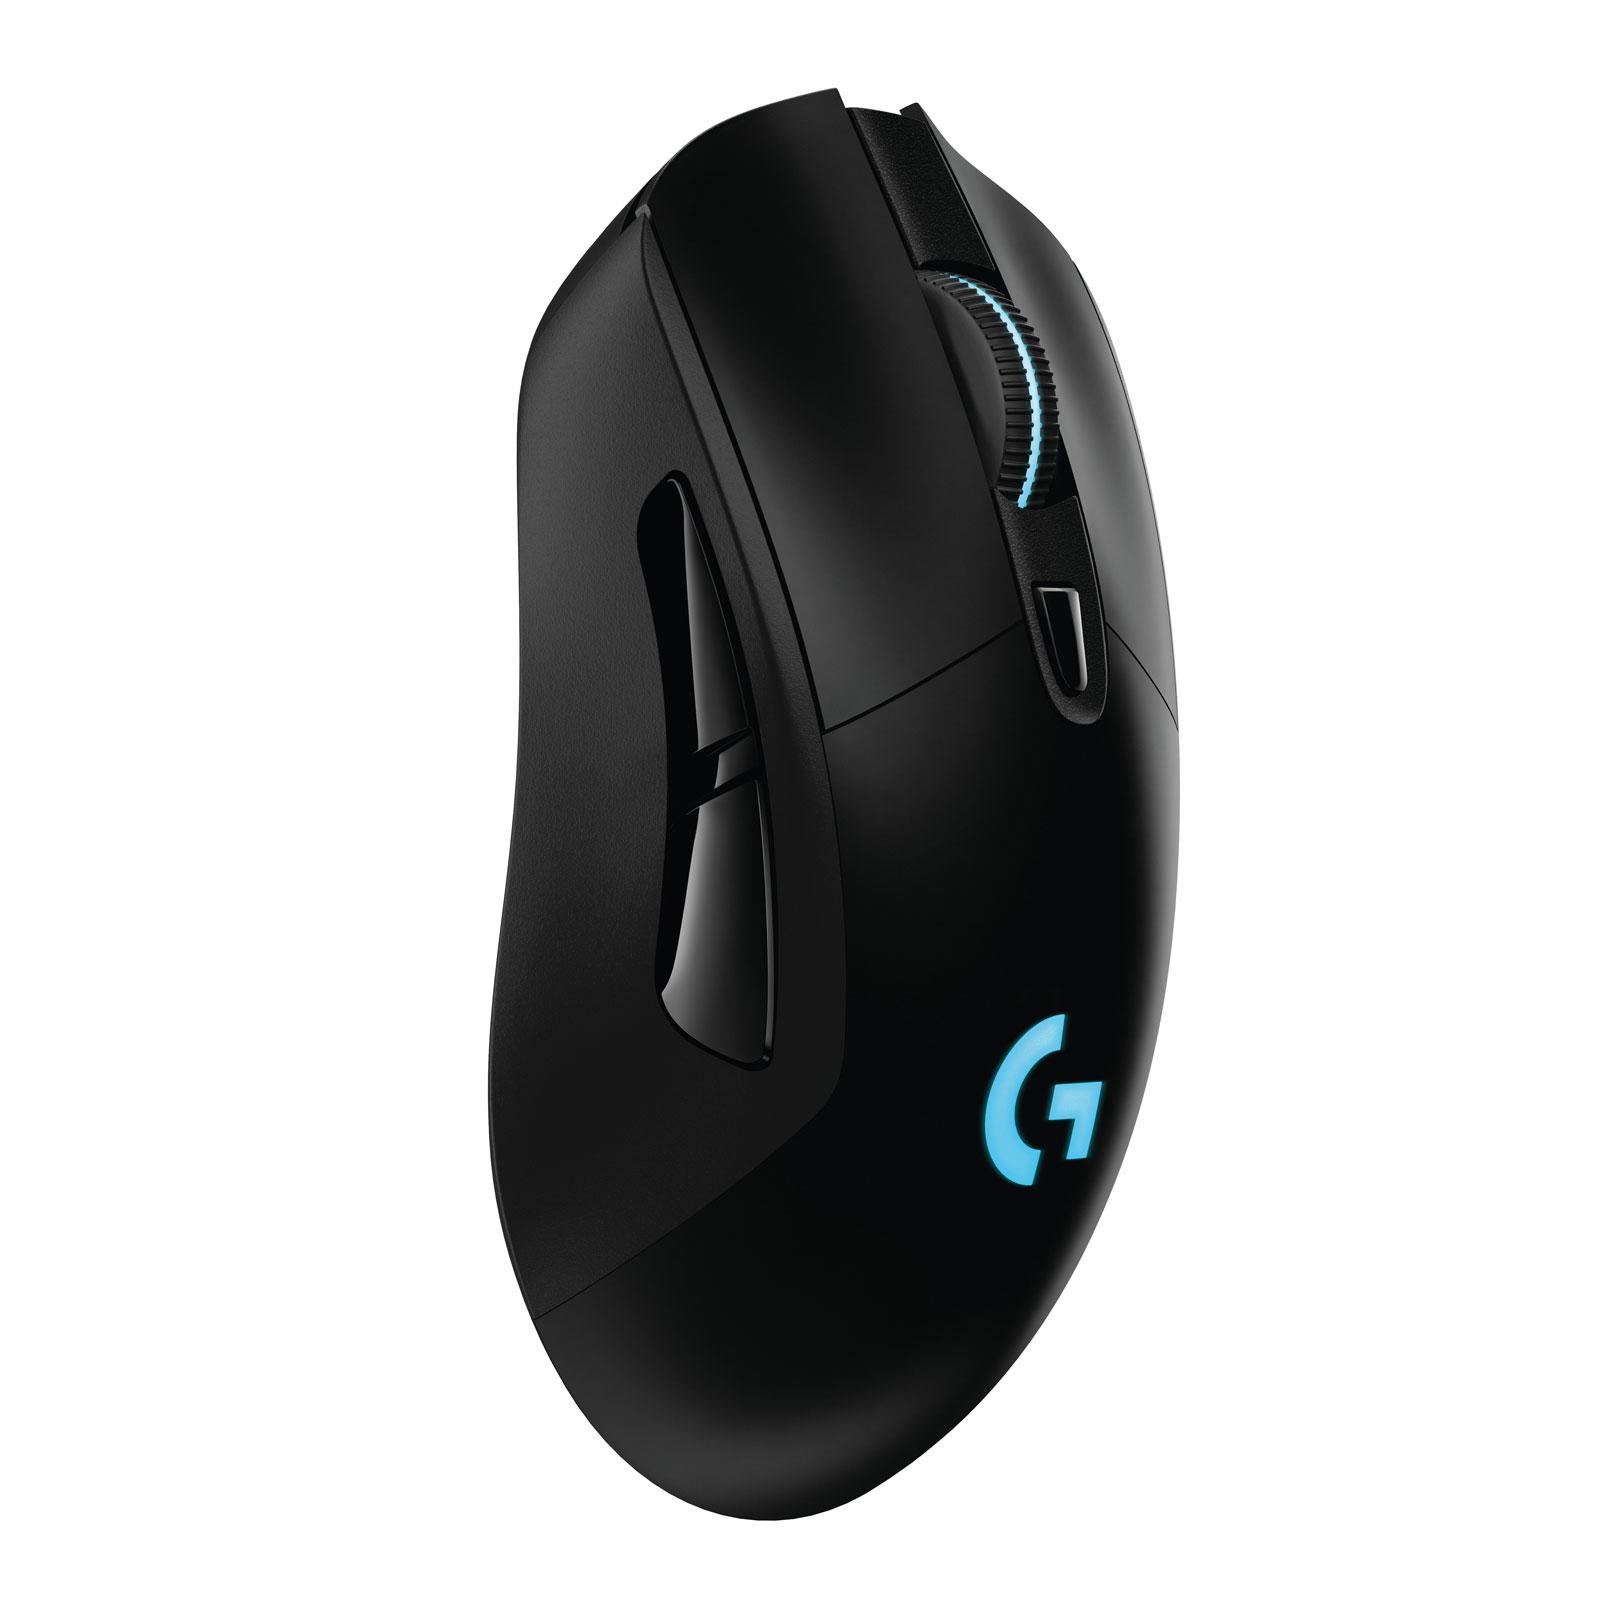 Logitech G703 LightSpeed sans fil - Souris PC Logitech - 3